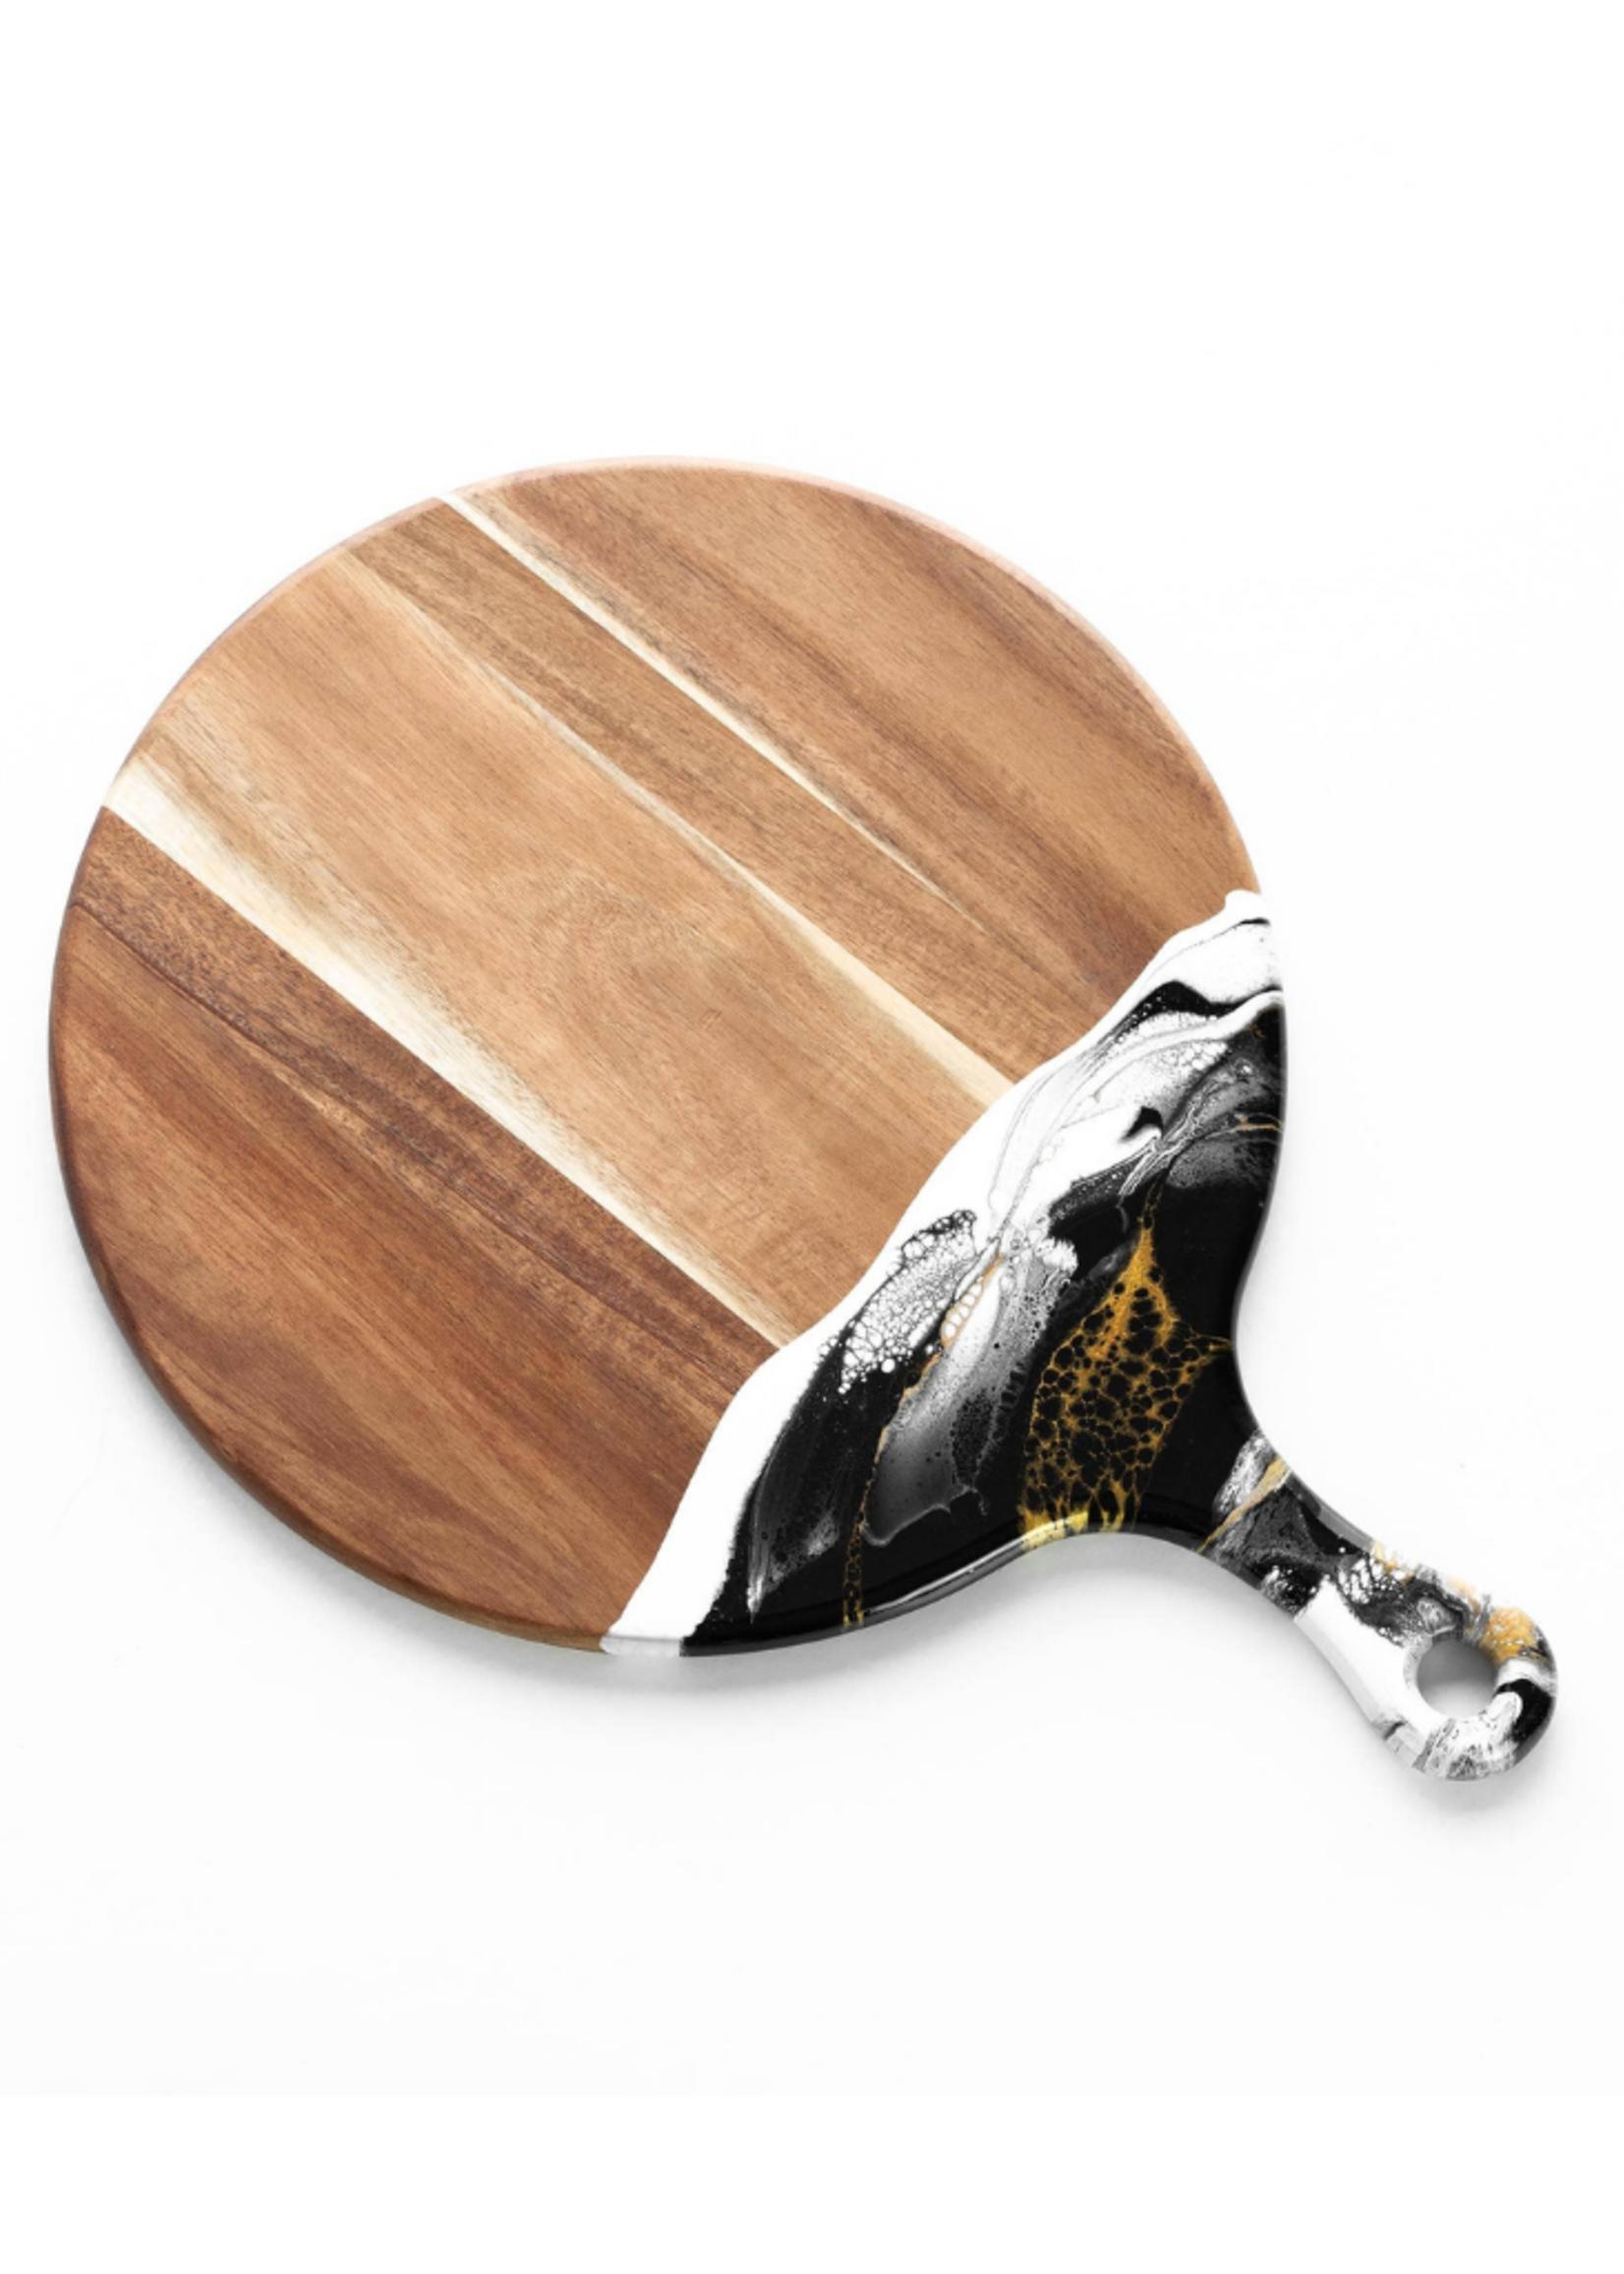 Round Acacia Resin Cheeseboard // Black/White/Gold